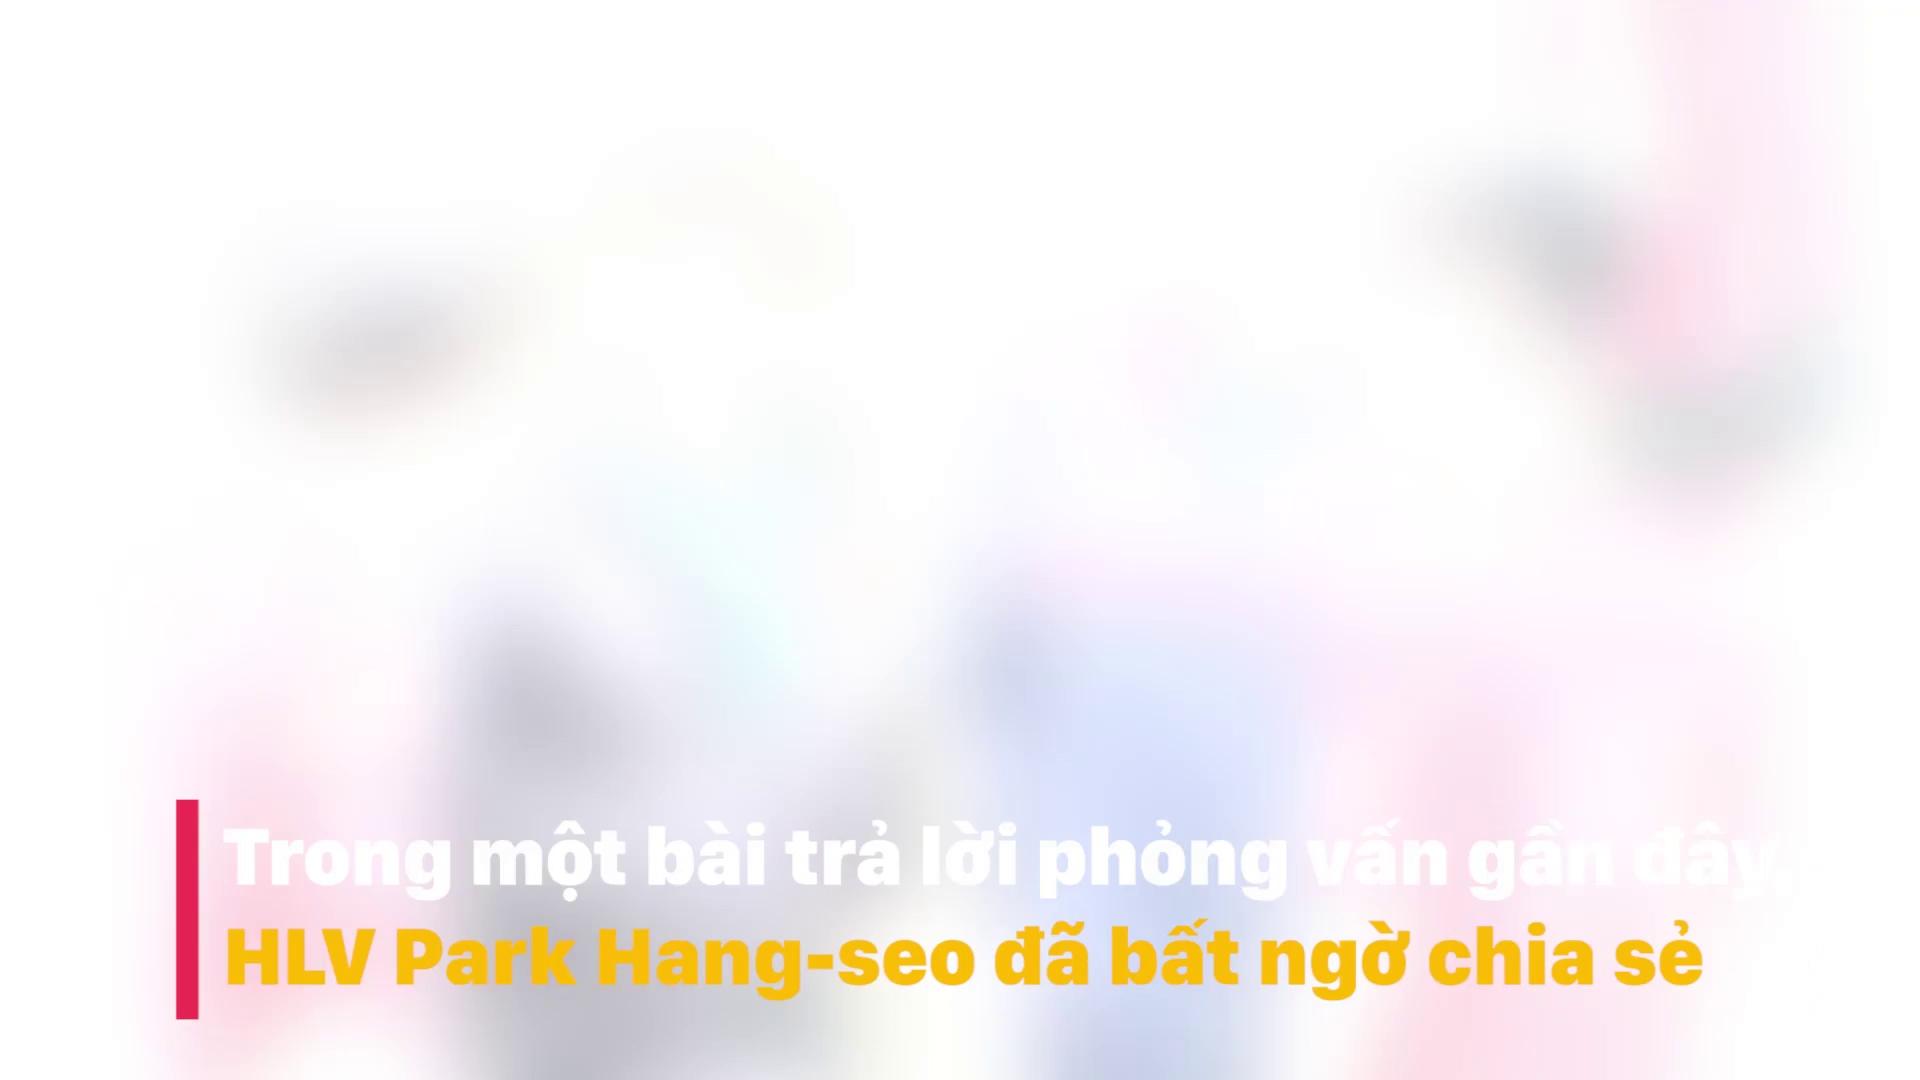 Những nỗi sợ hãi của HLV Park Hang-seo